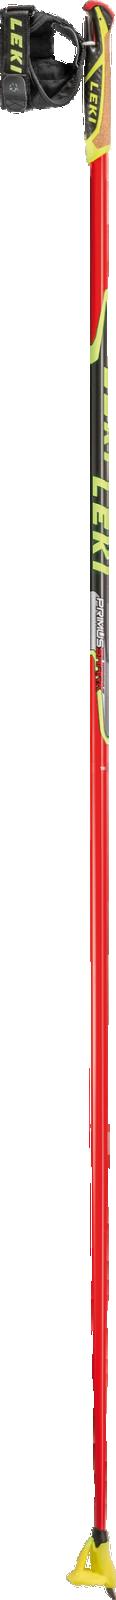 závodní běžecké hole Leki Primus Shark